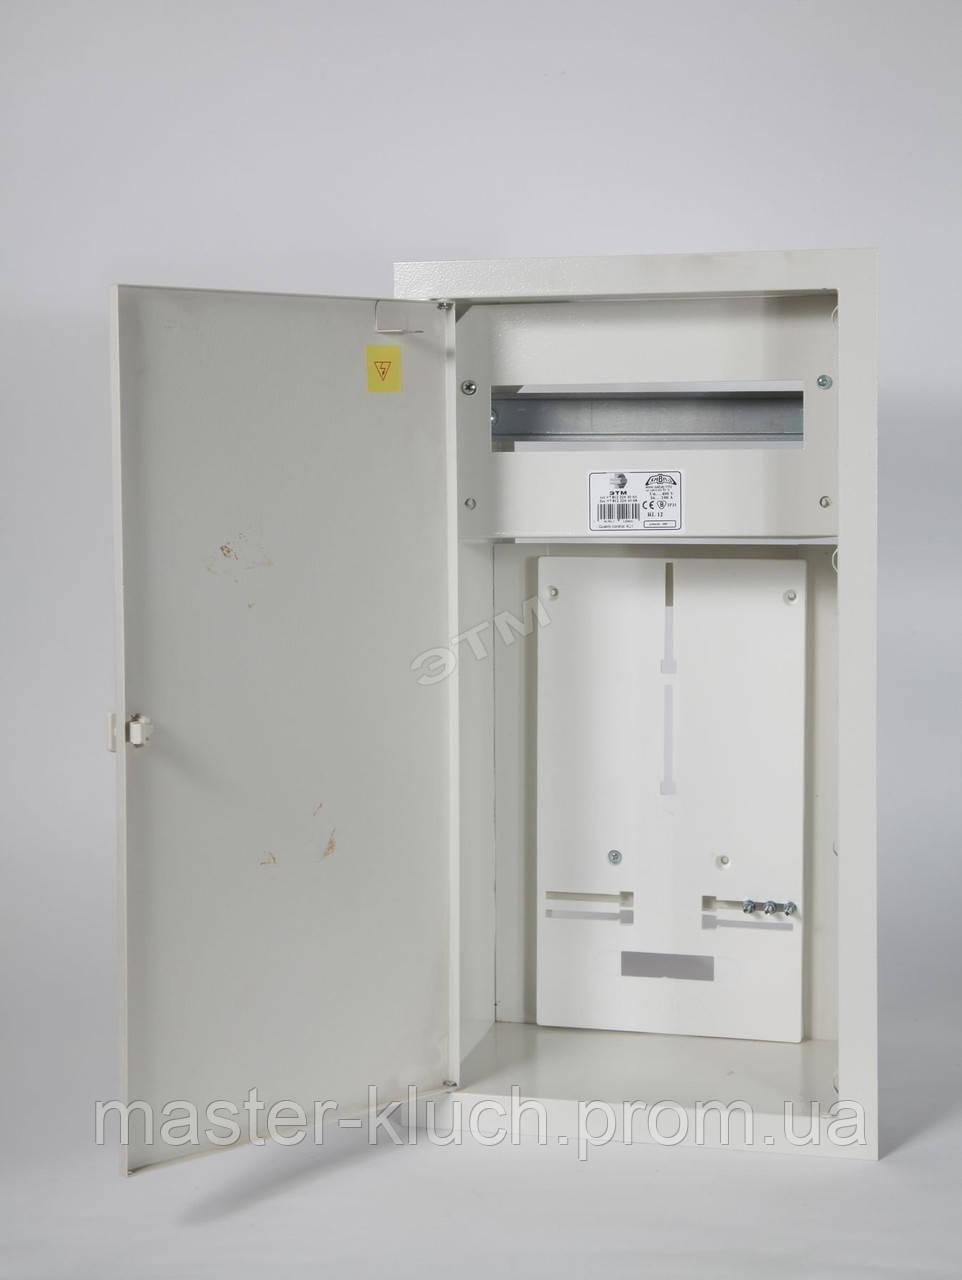 Sabaj RL-12 Щит внутренний 12 модулей, 3-но фазный